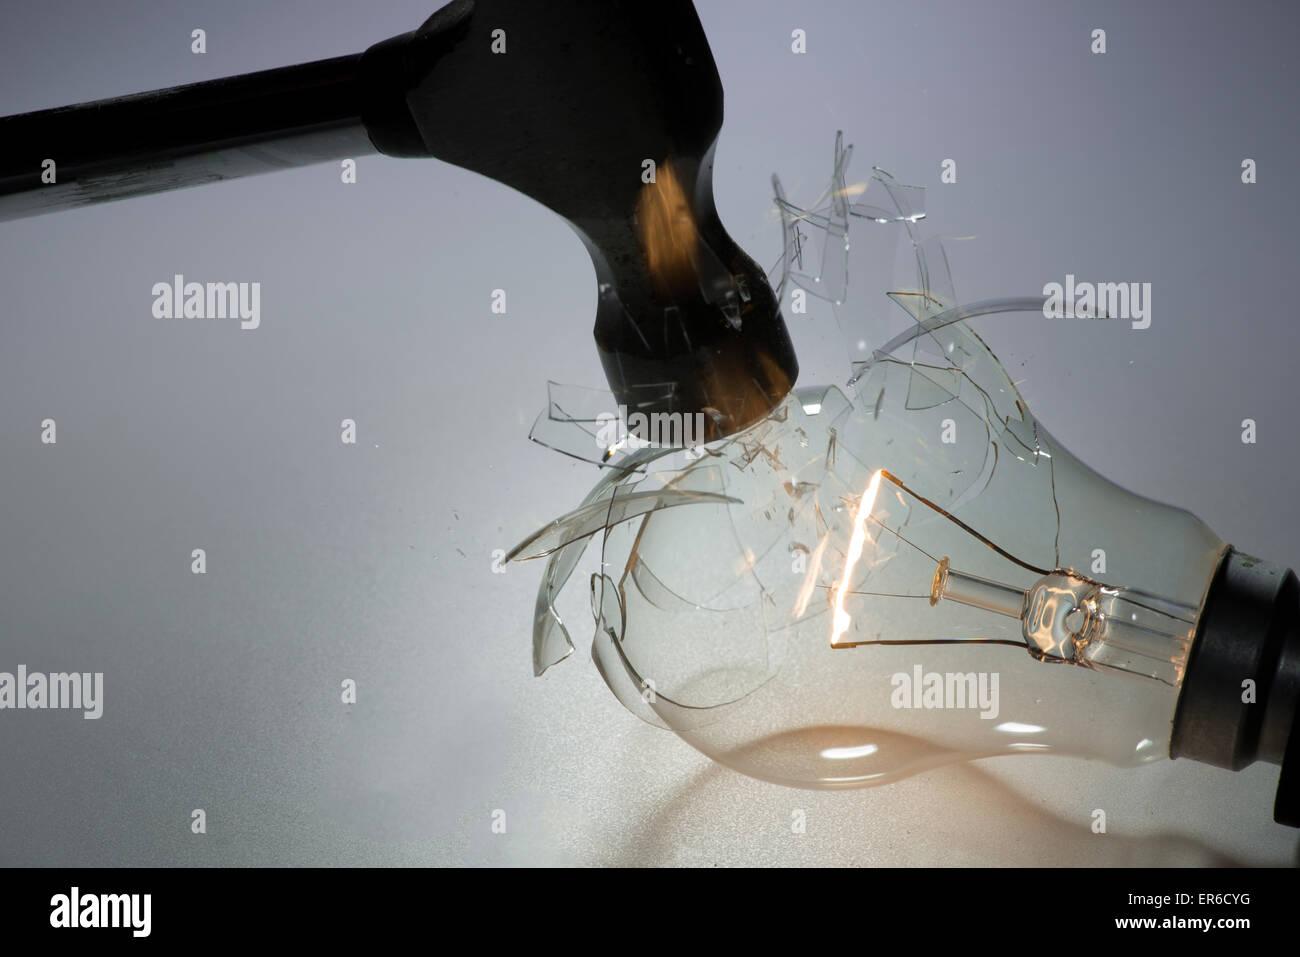 Light bulb été fracassé par un marteau filament montrant encore rougeoyant. Banque D'Images